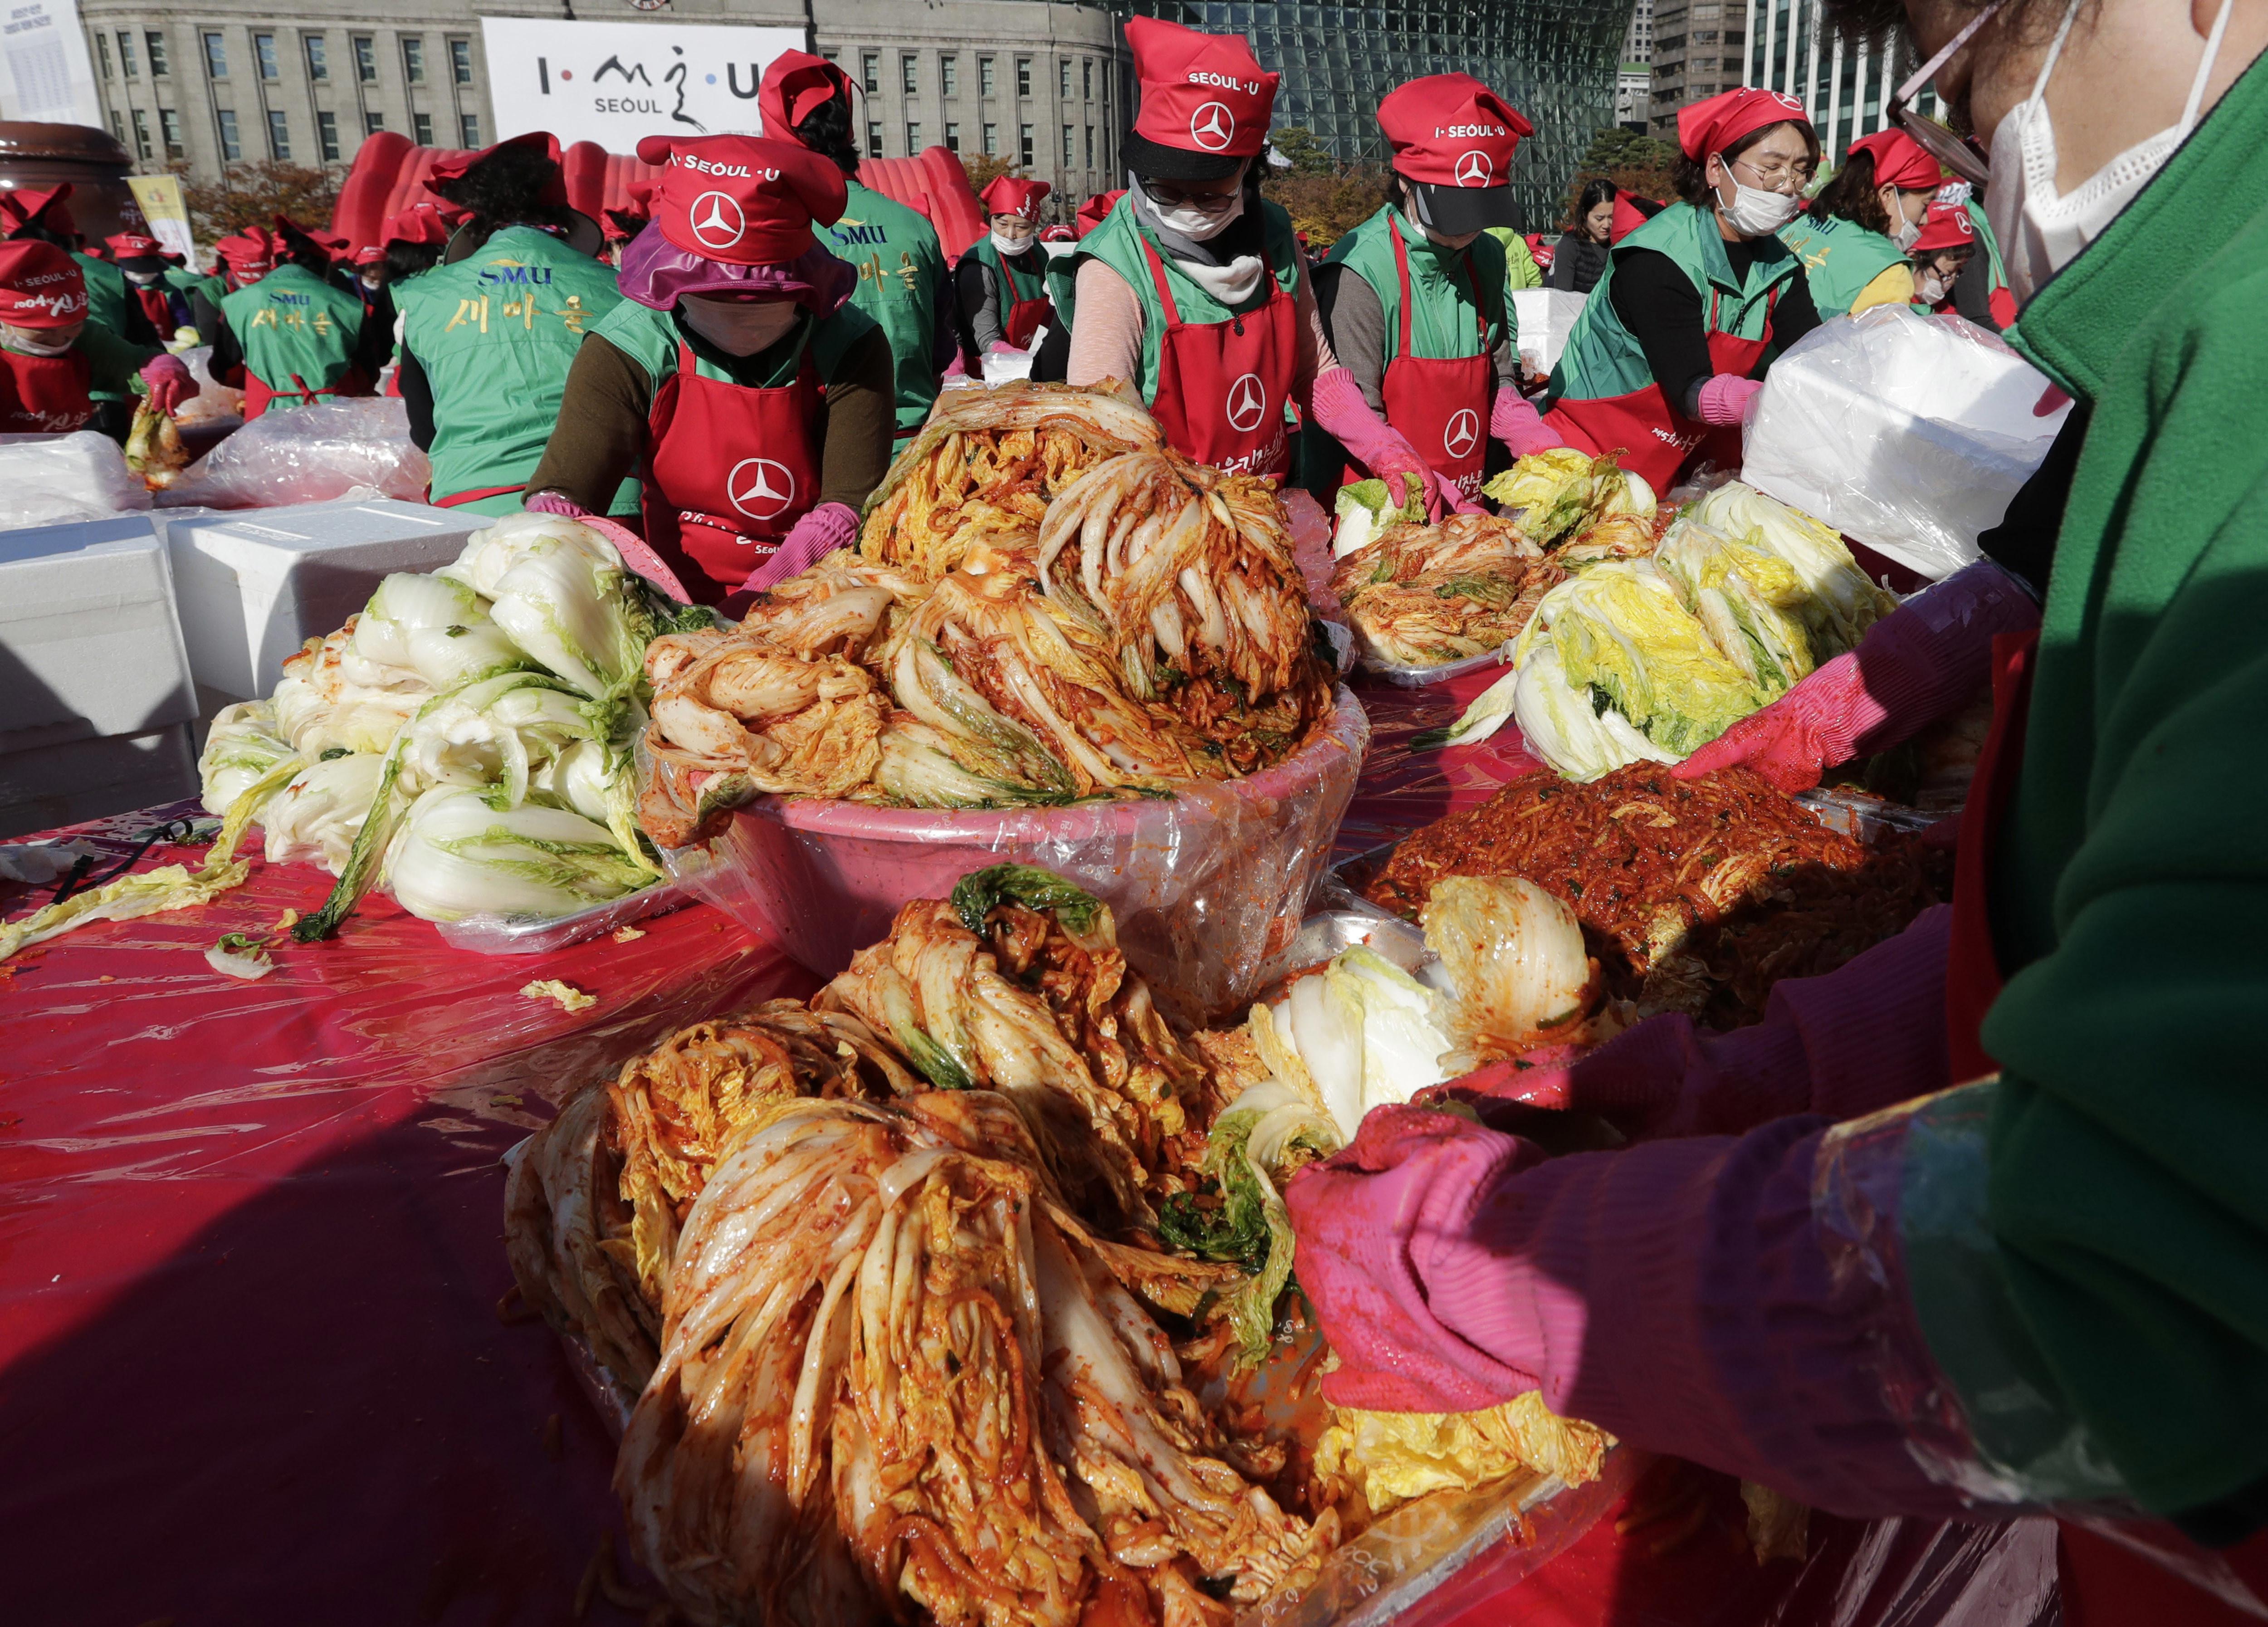 ▲▼法國研究,吃韓式泡菜等發酵食品可對抗新冠病毒。(圖/達志影像/美聯社)